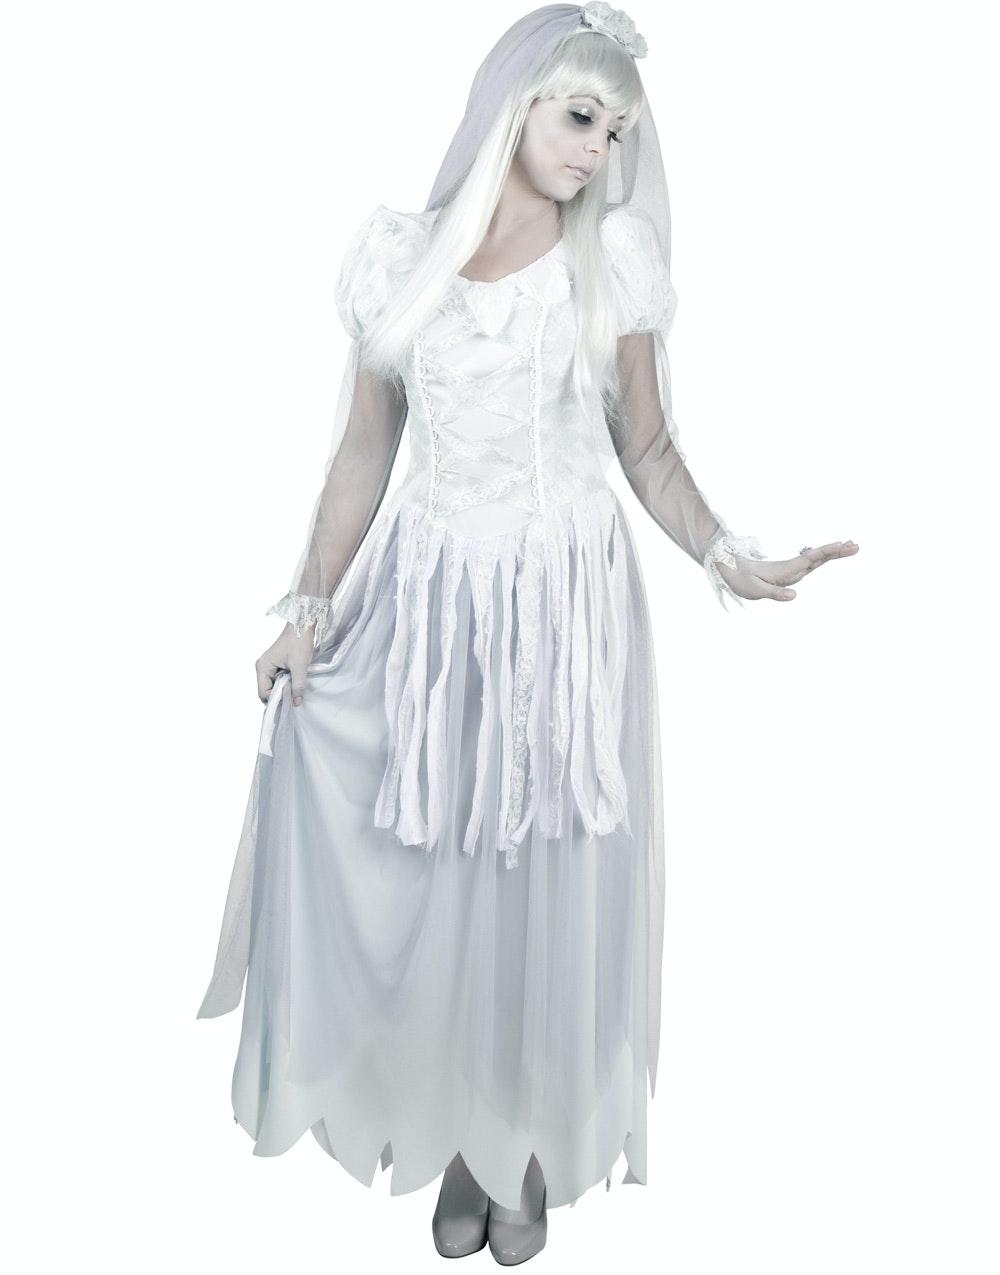 kostymer for voksne nettbutikk xnxx iran